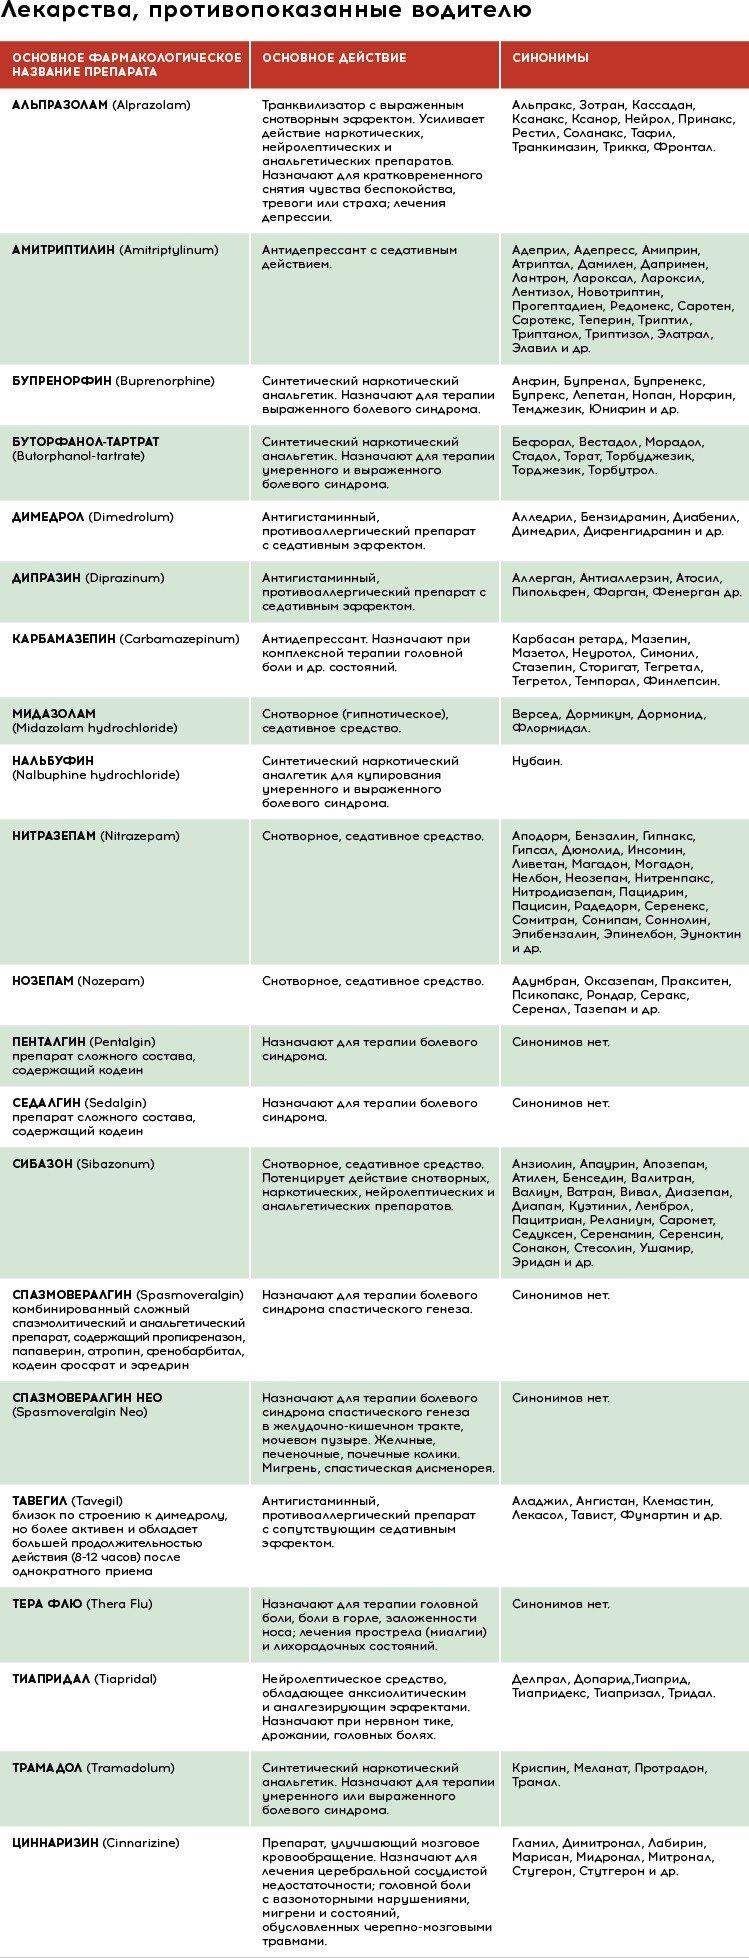 Категории риска назначения лекарственных средств беременным в классификации fda